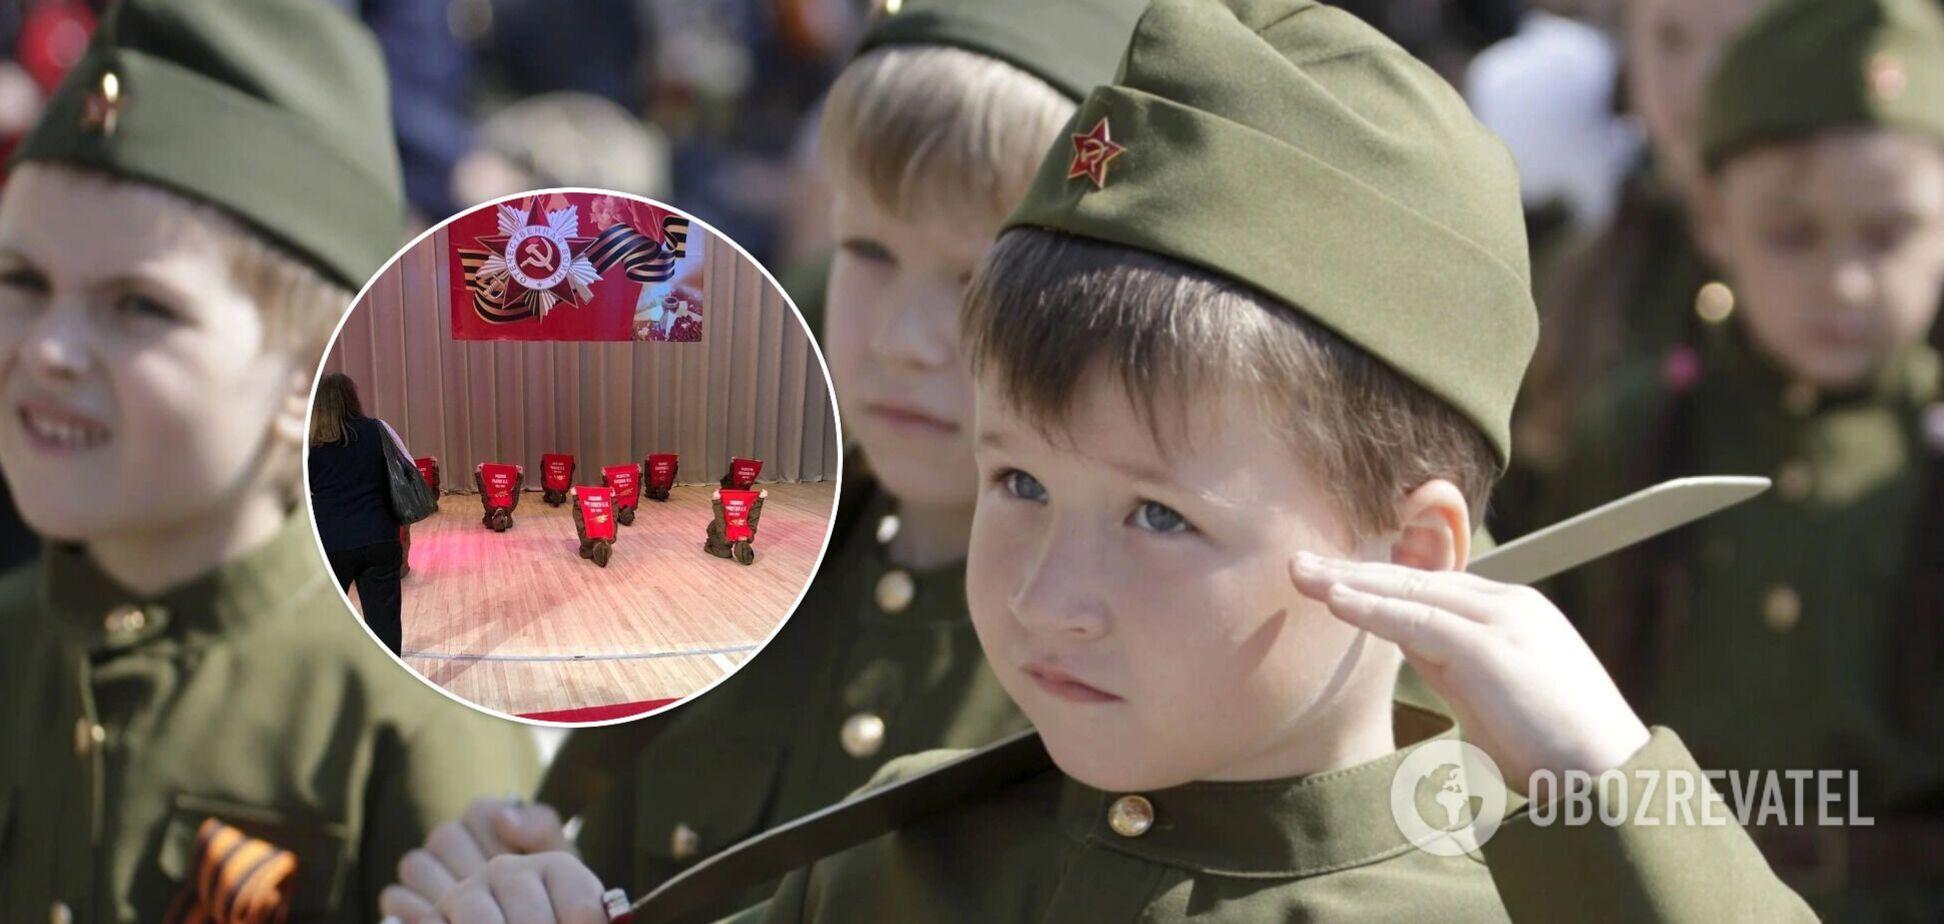 У РФ до 9 травня діти зображали могили загиблих солдат, а в Білорусі – влаштували 'спалення села'. Фото та відео